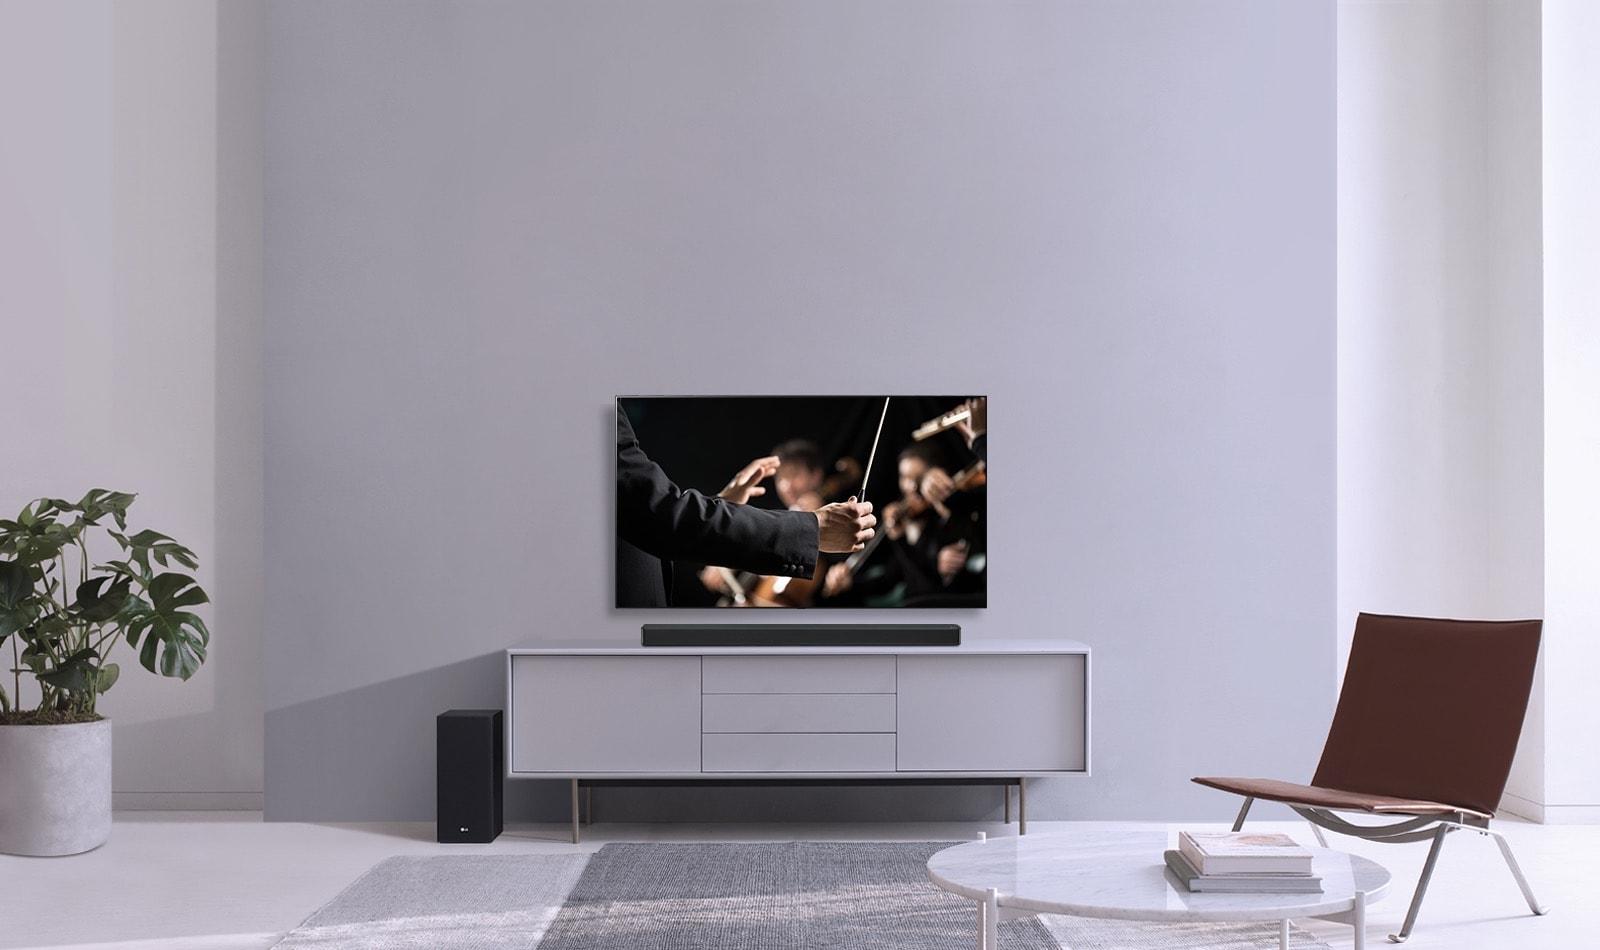 CAV-SoundBar-SL6Y-06-TV-Sound-Sync-Desktop